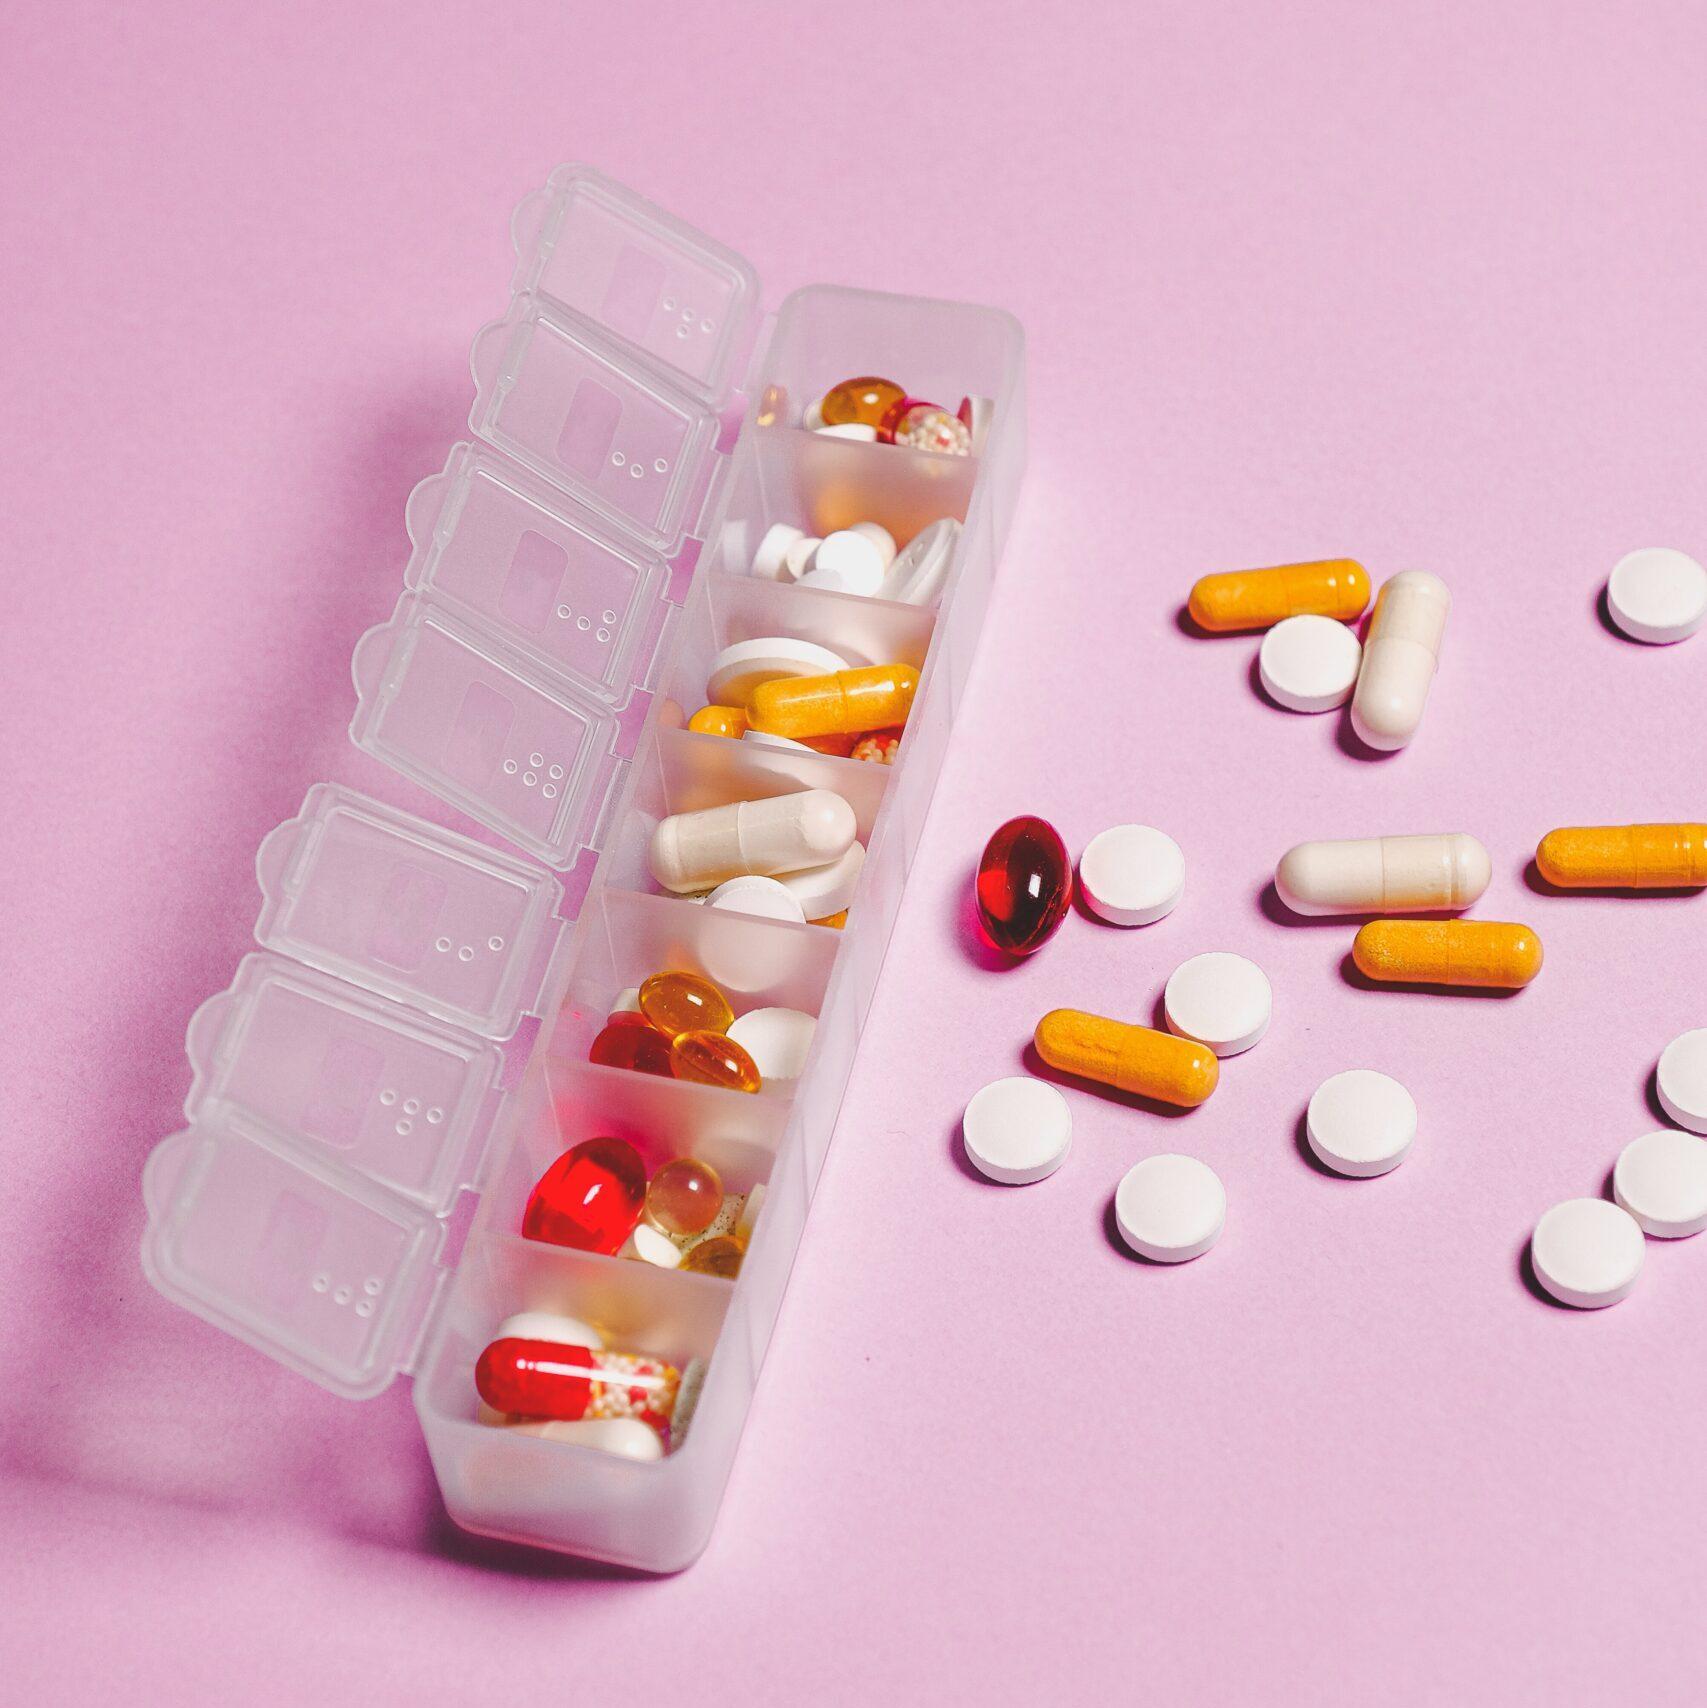 أدوية وعلاجات Archives مدونة Rxcourse الطبية